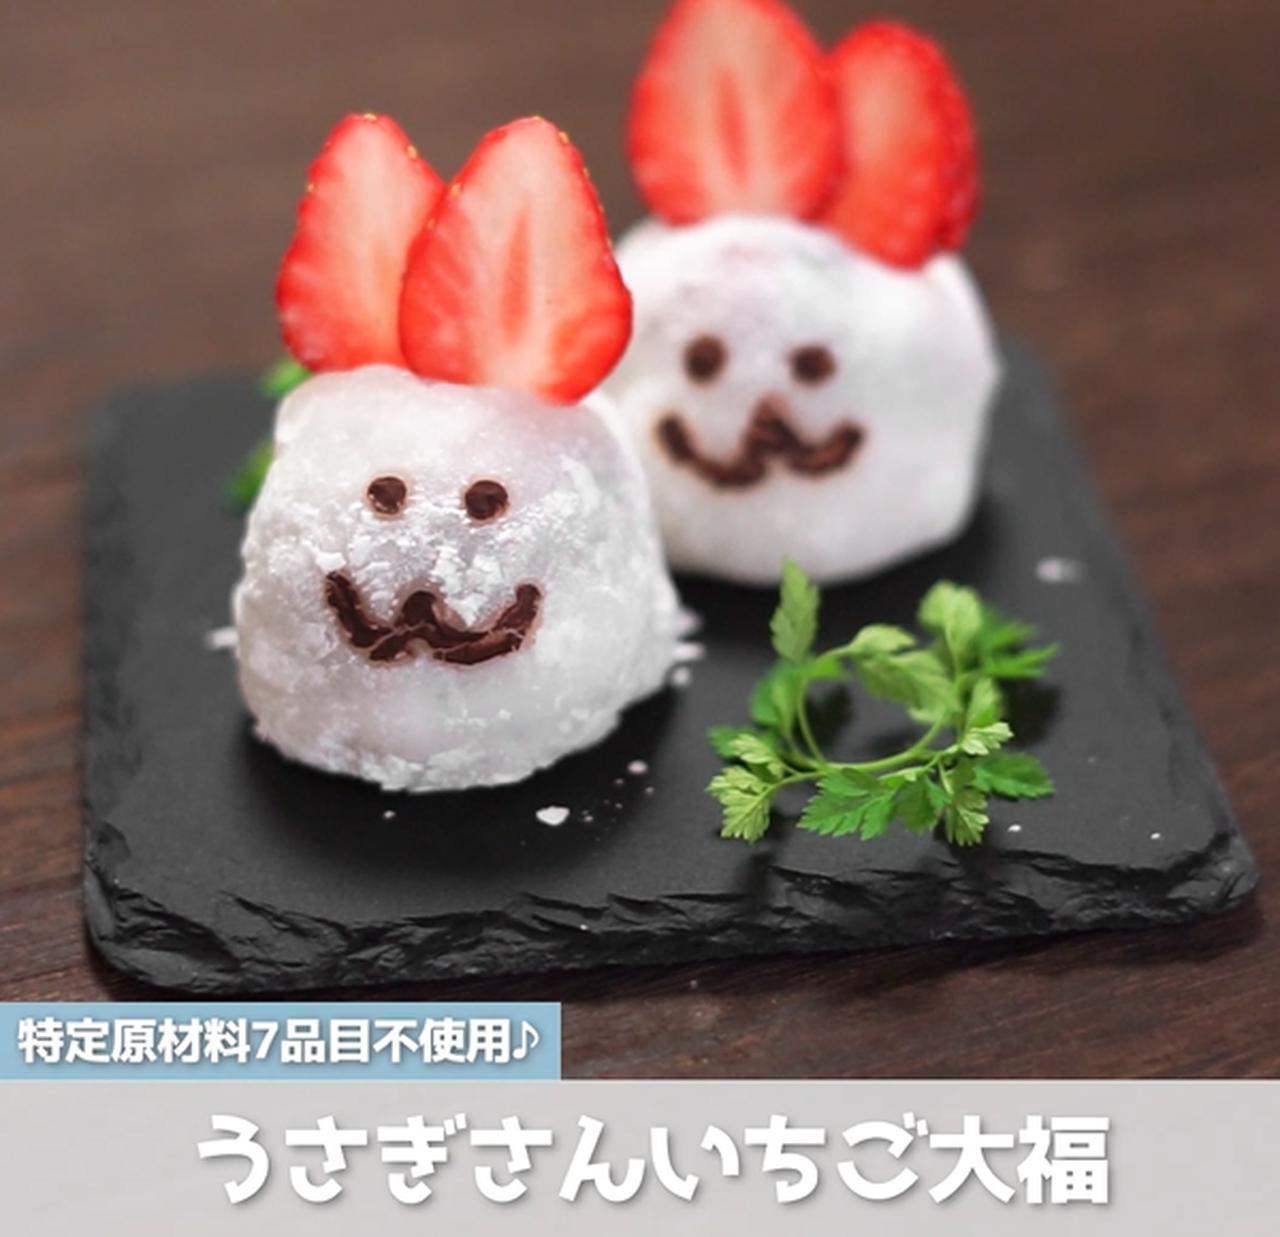 画像: おうちで作るかわいいうさぎさんのいちご大福 - 君とごはん